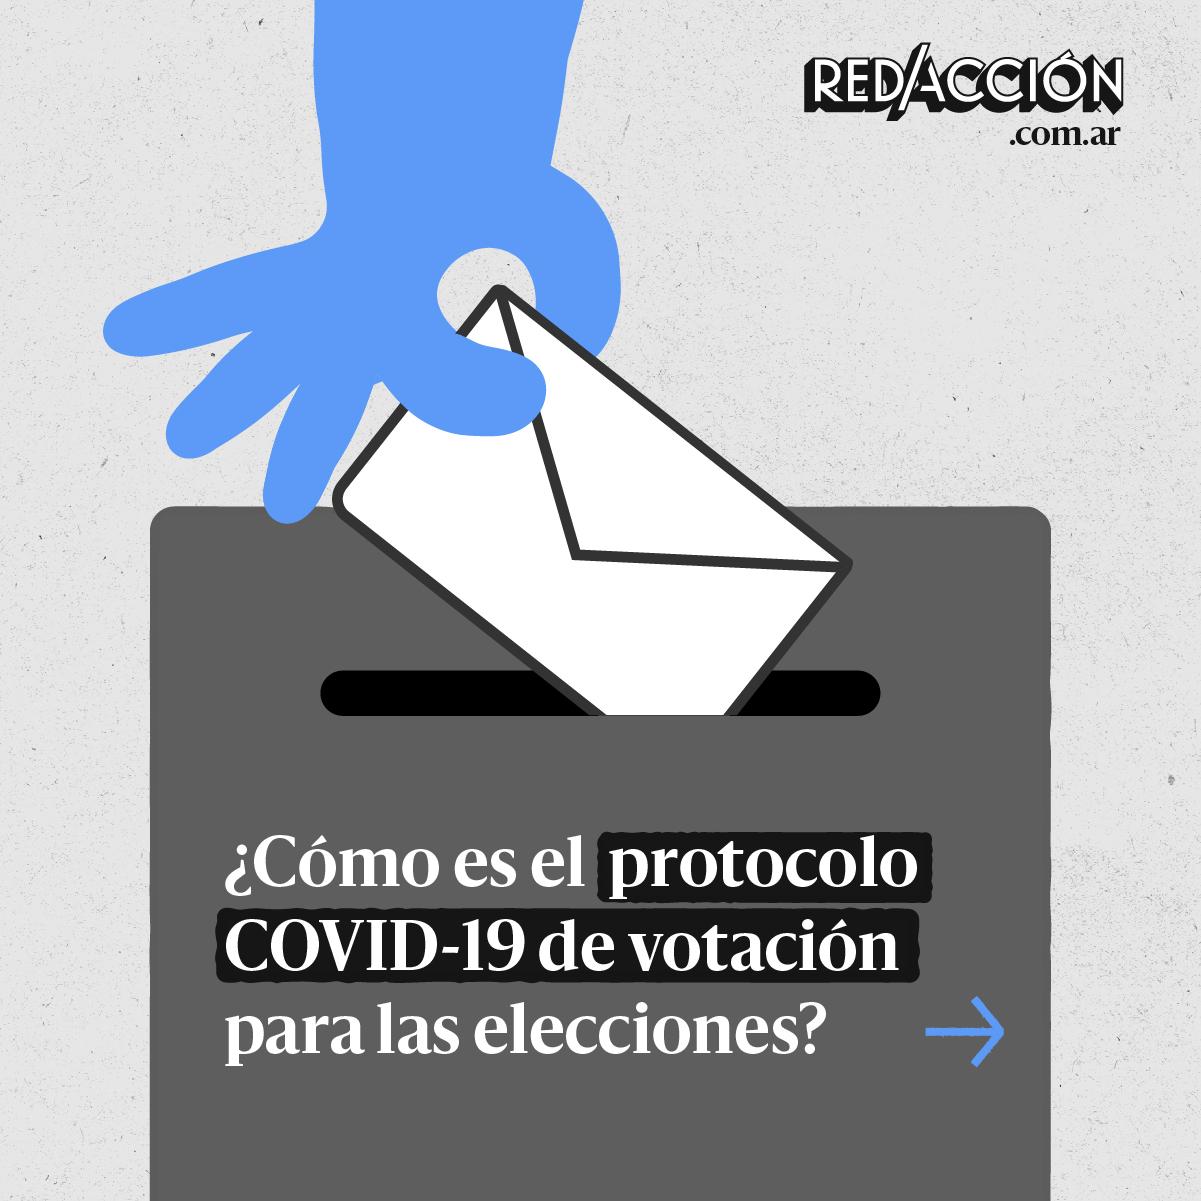 ¿Cómo es el protocolo COVID-19 de votación para las elecciones?